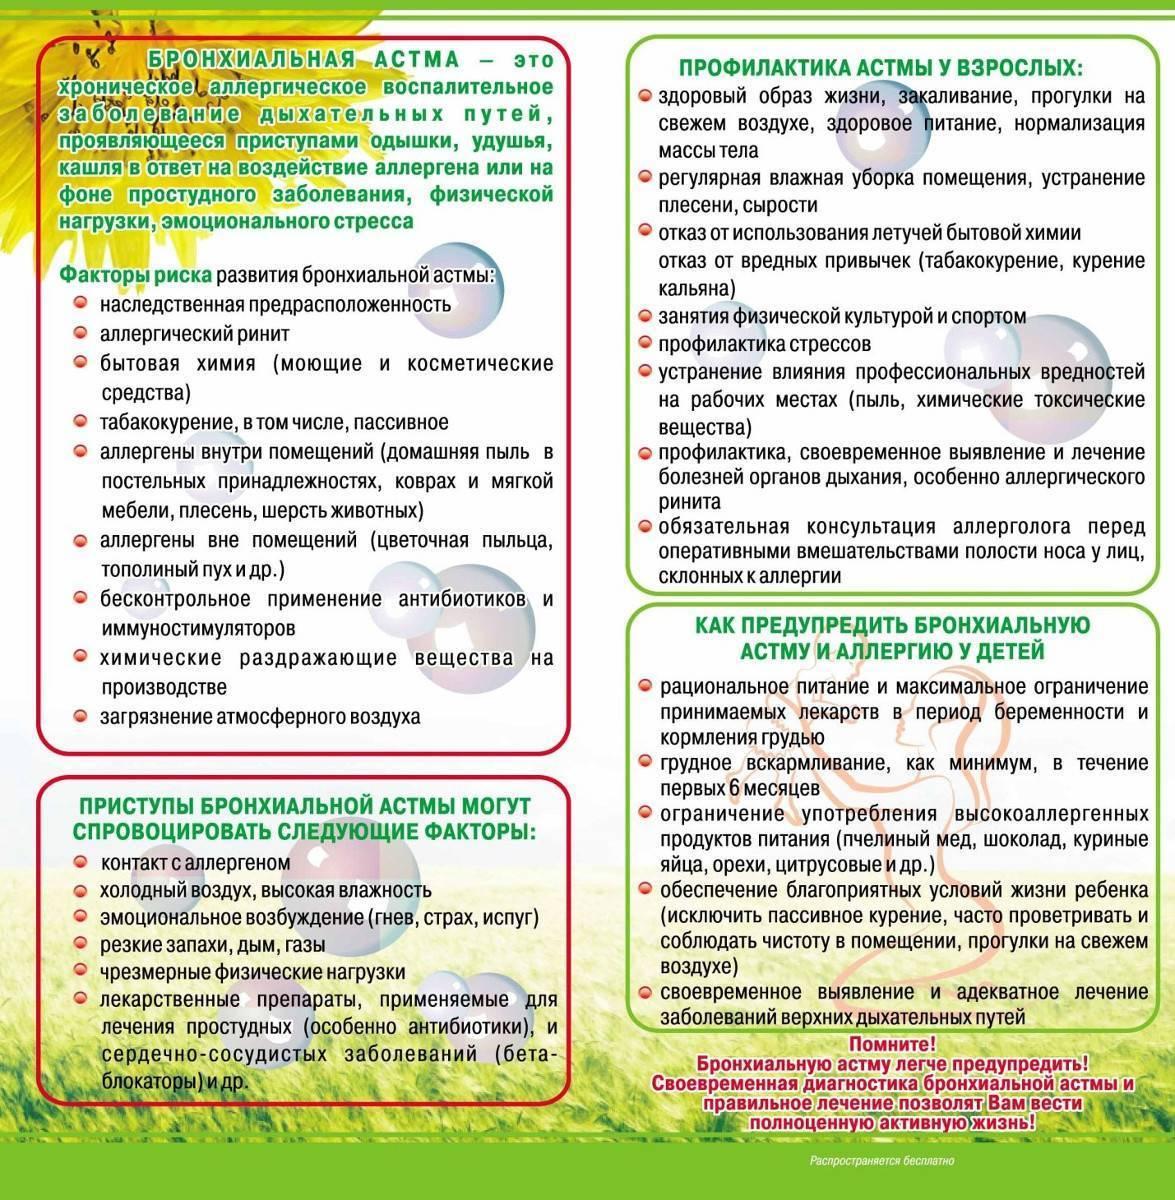 Бронхиальная астма: профилактика и лечение